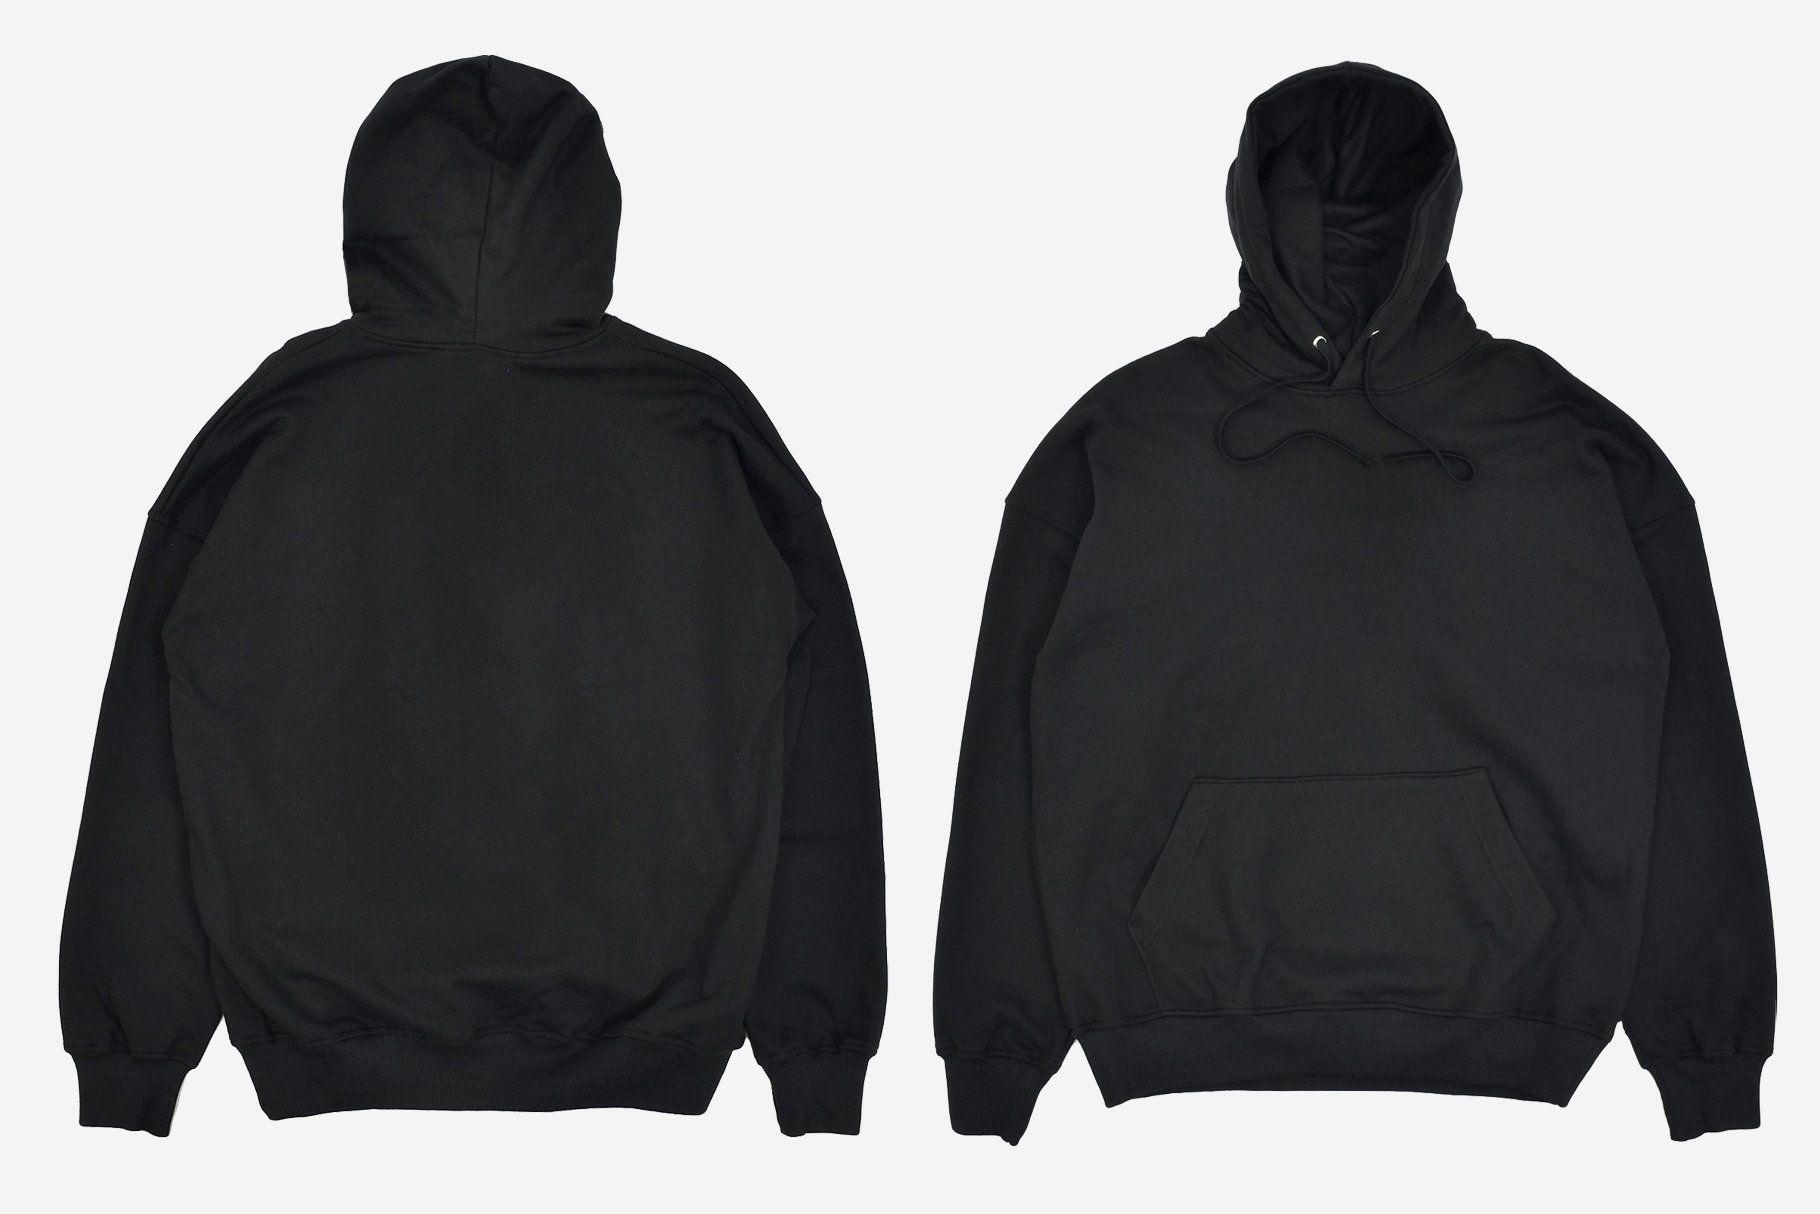 Download Realistic Blank Black Hoodie Mockup Hoodie Jaket Kaos